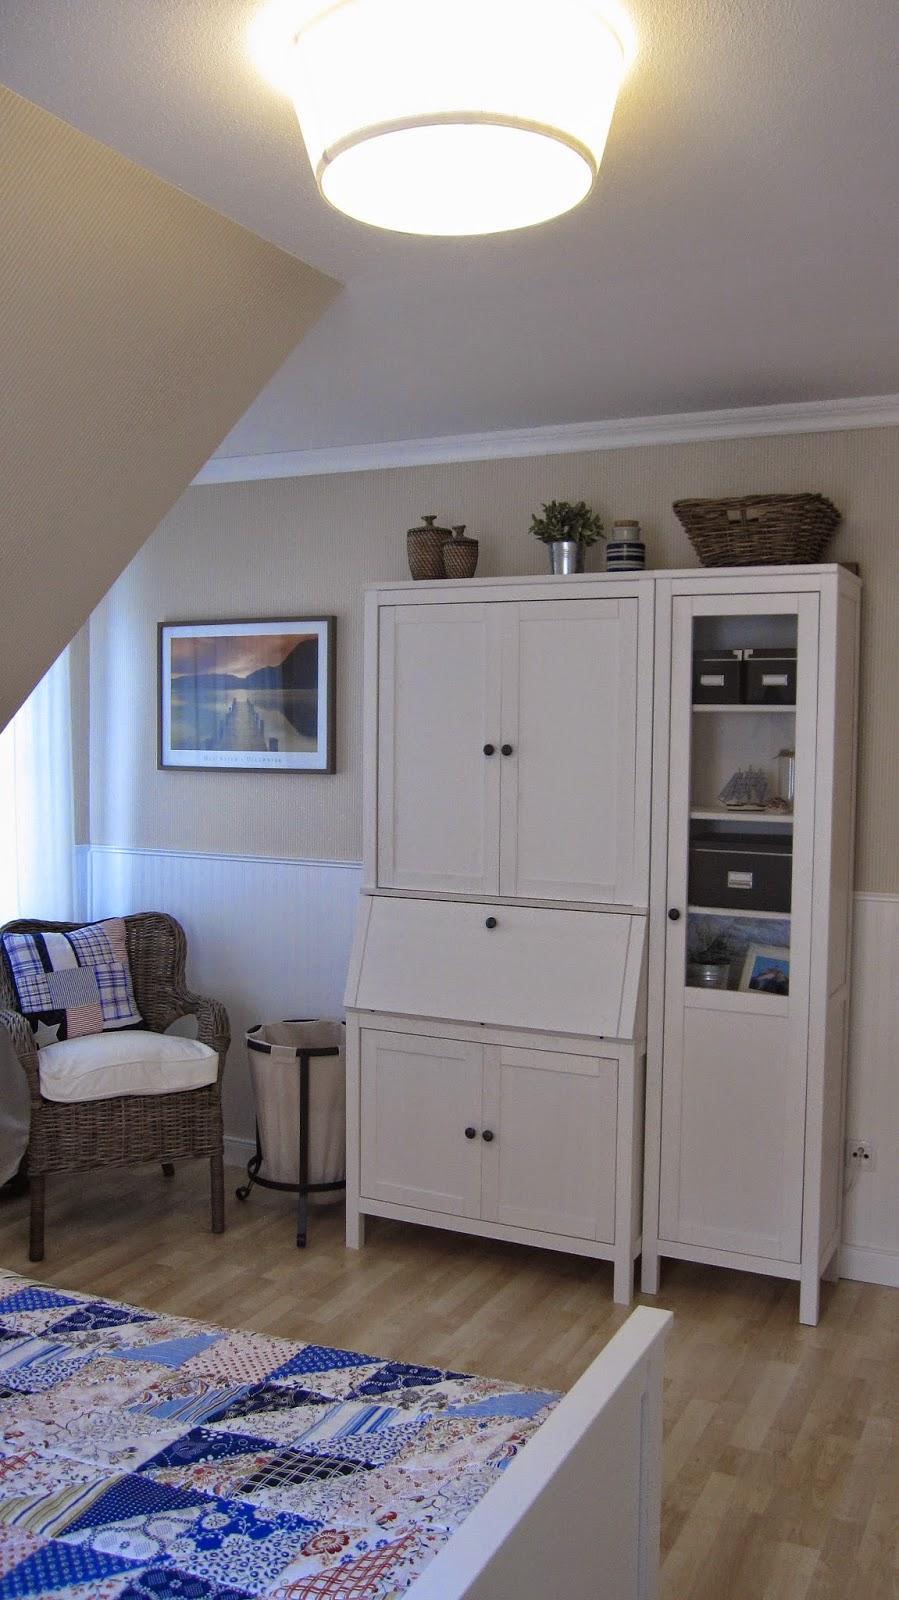 ikea wohnzimmer hemnes:ikea wohnzimmer hemnes : Startseite Wohnzimmer TV & Mediamöbel TV